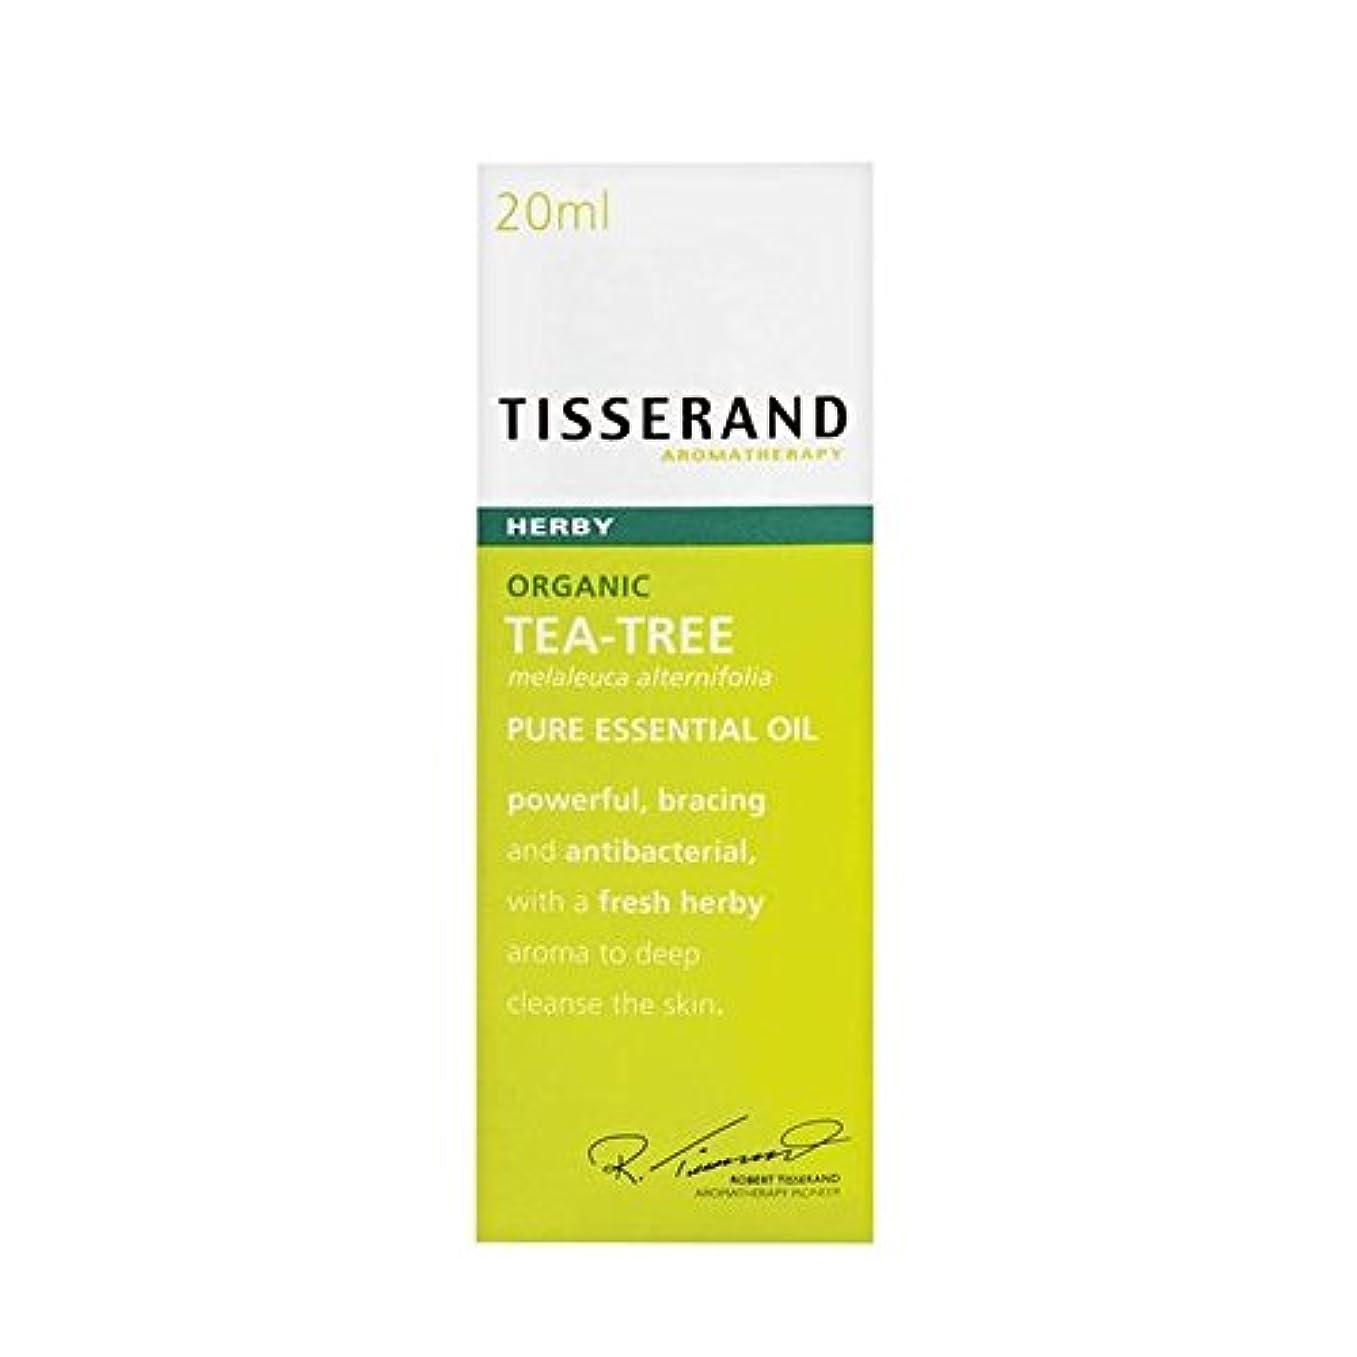 メイトインサートトラフティスランドティーツリーオーガニックピュアエッセンシャルオイル20ミリリットル x2 - Tisserand Tea Tree Organic Pure Essential Oil 20ml (Pack of 2) [並行輸入品]